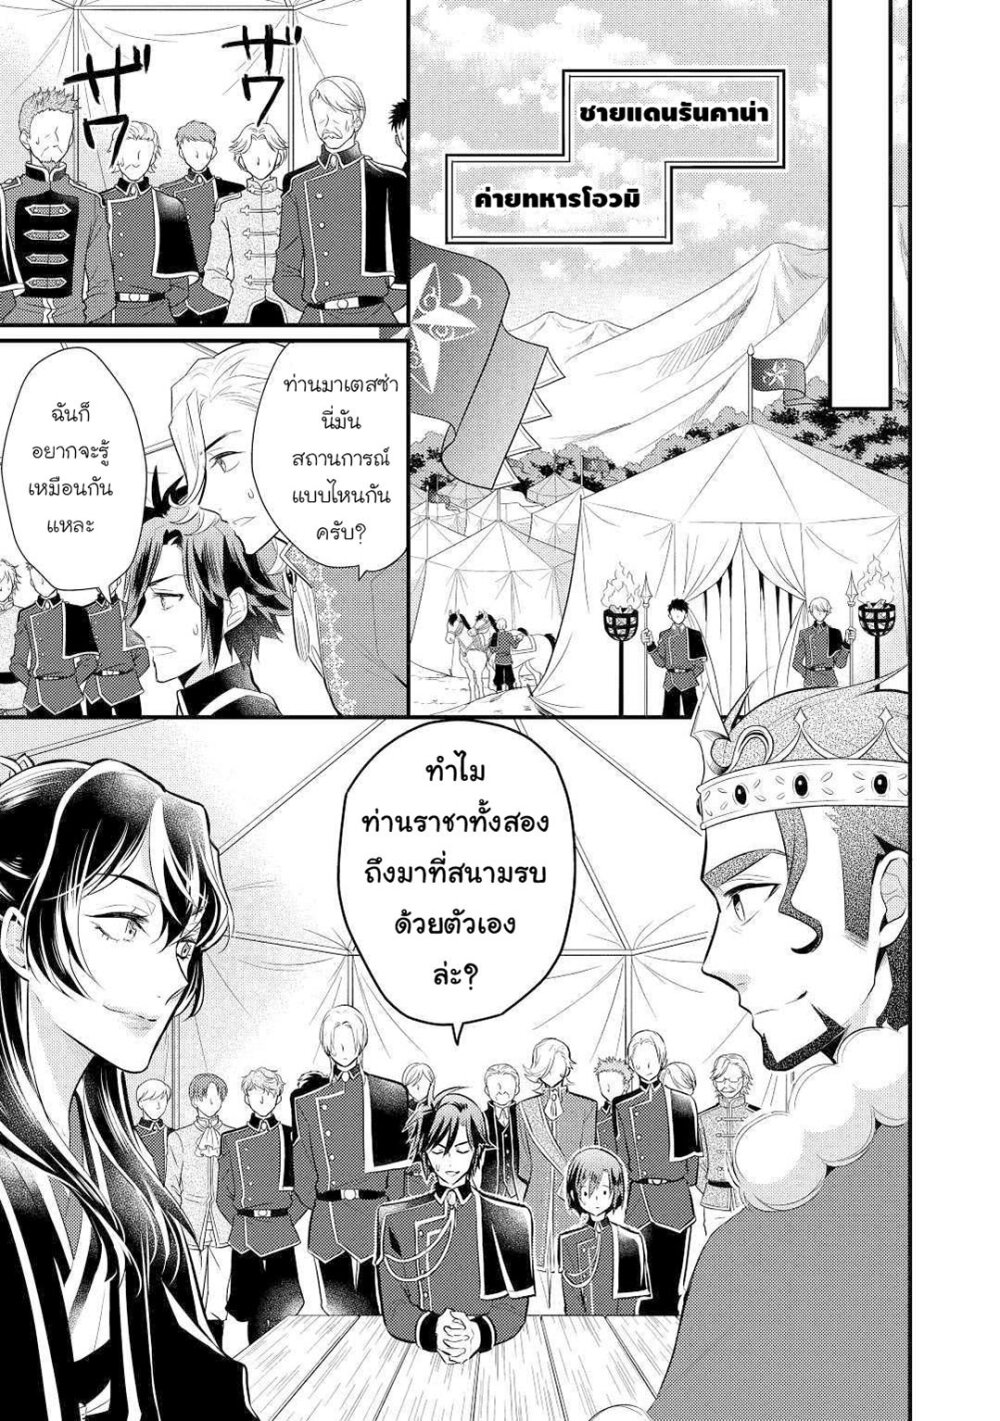 อ่านการ์ตูน Daites Ryou Koubouki ตอนที่ 25 หน้าที่ 3